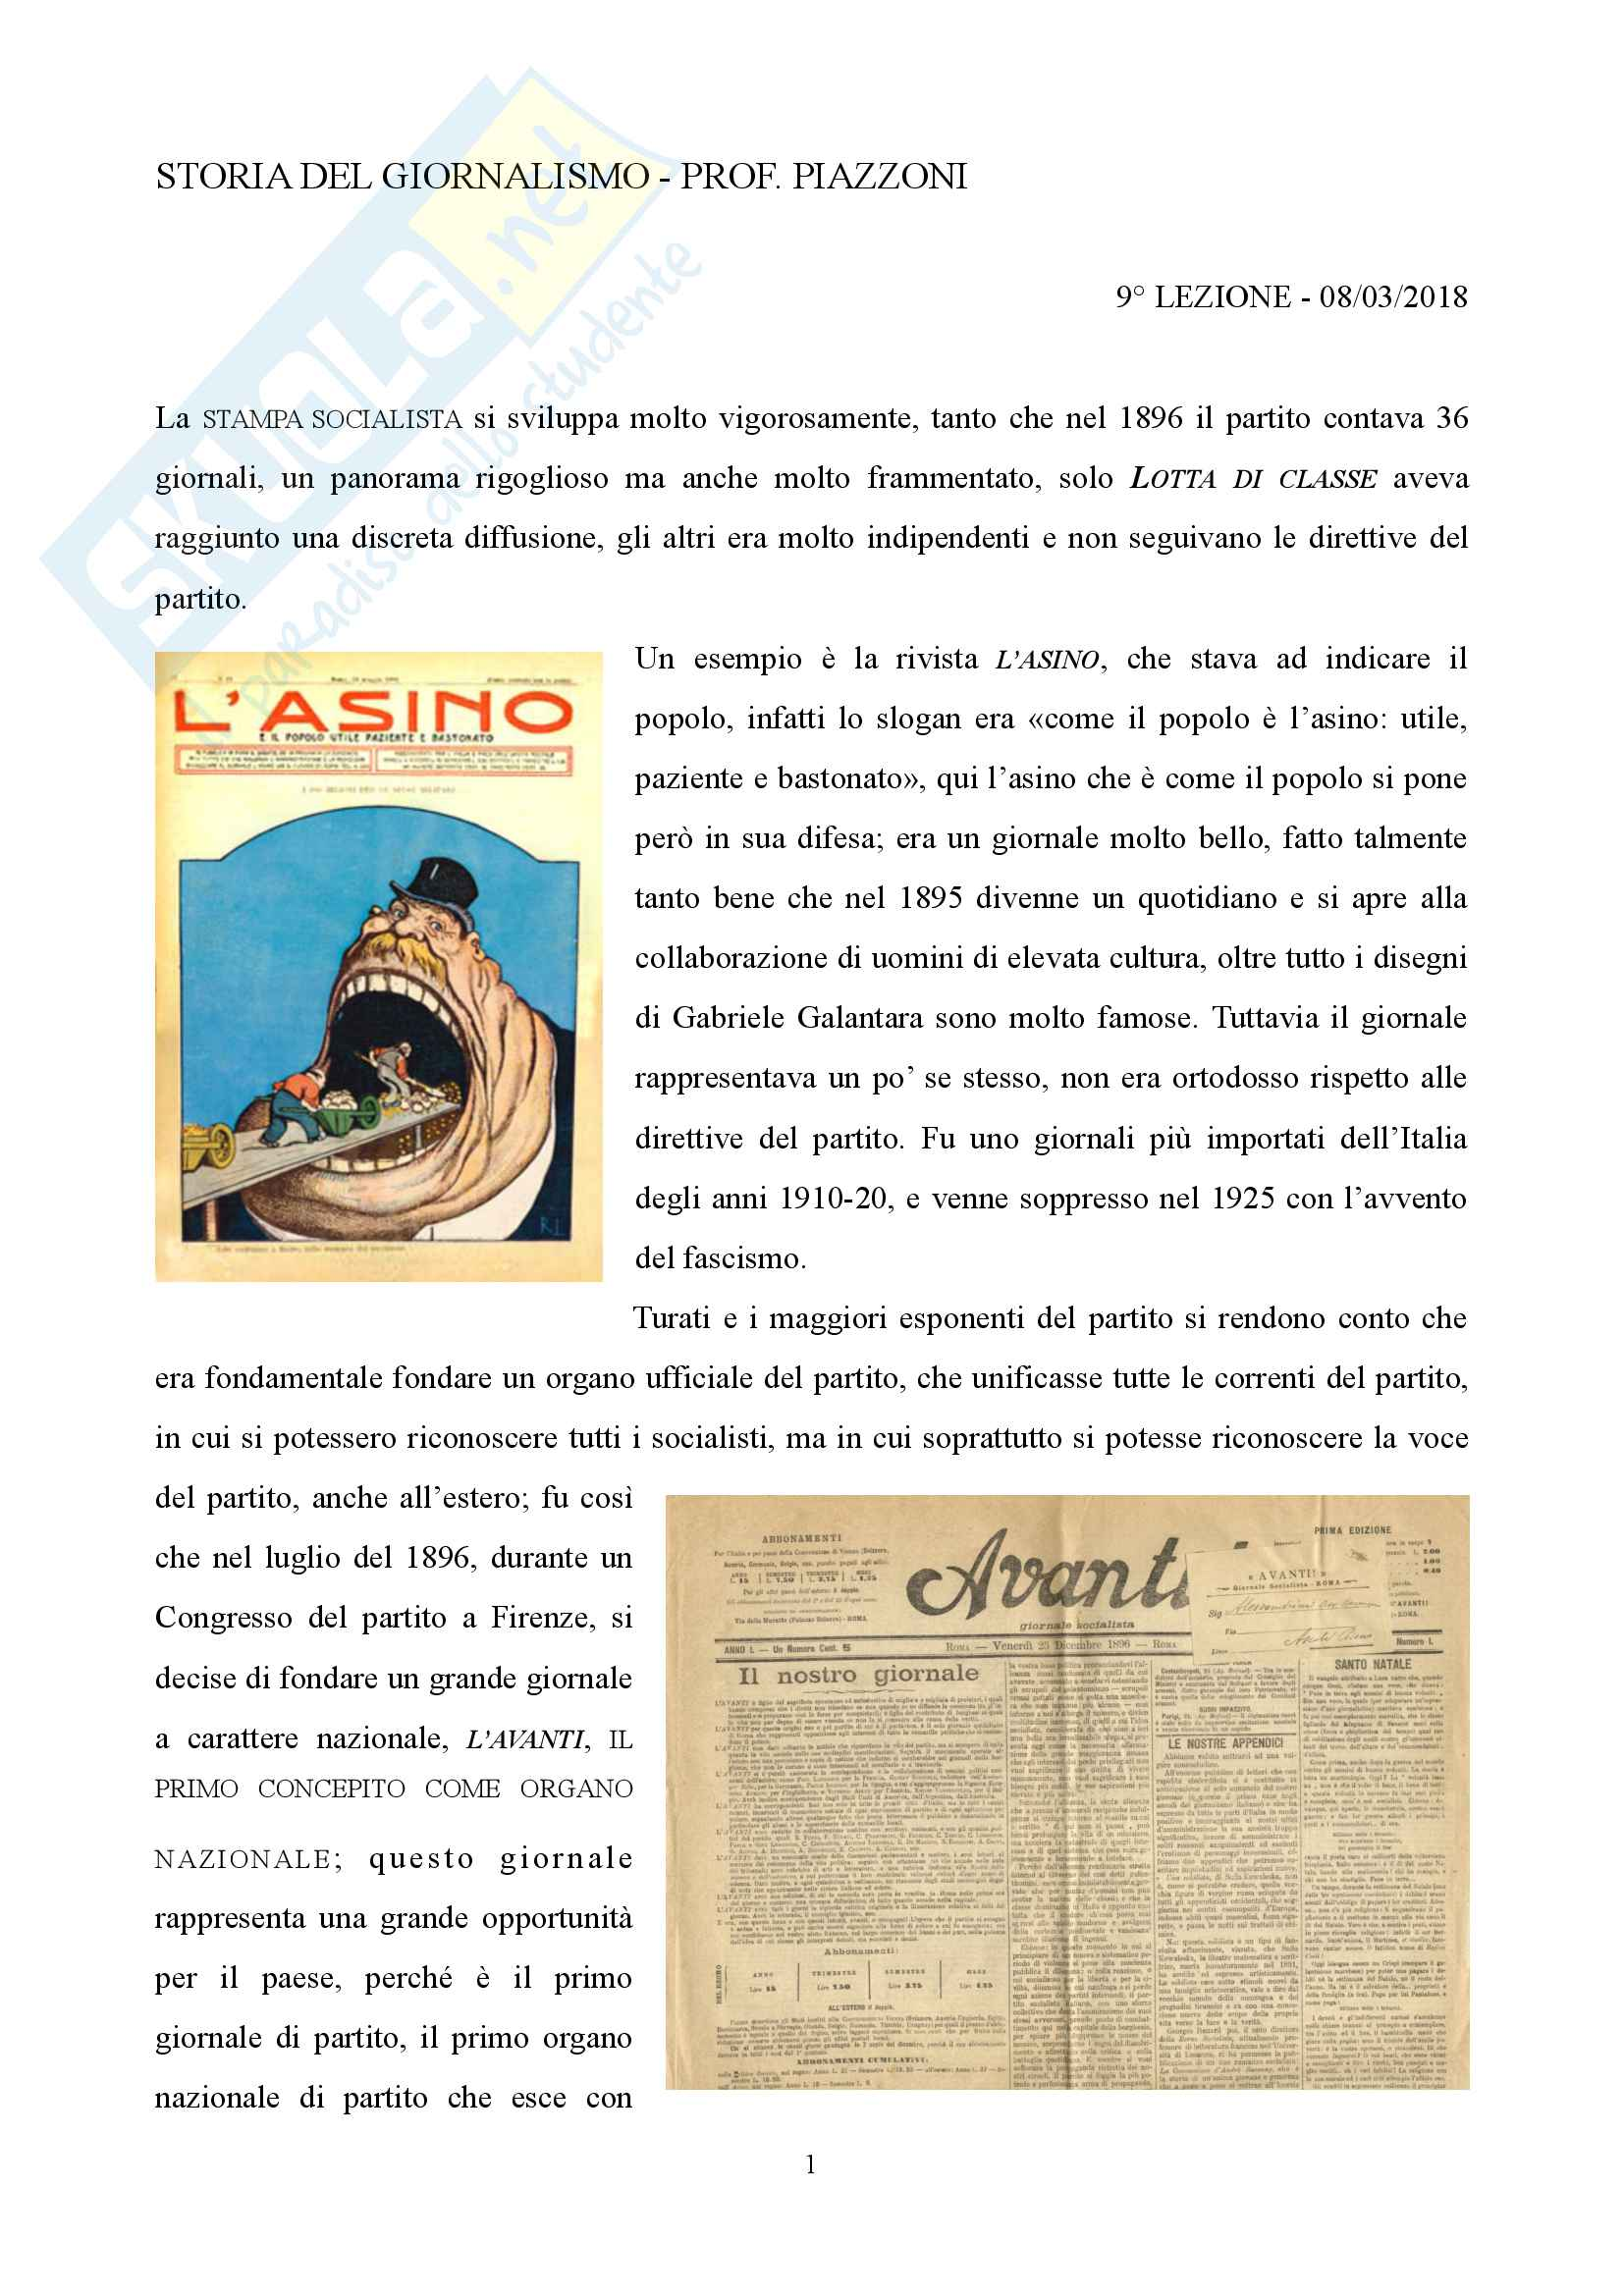 Storia del giornalismo appunti lezione 9 08/03/2018